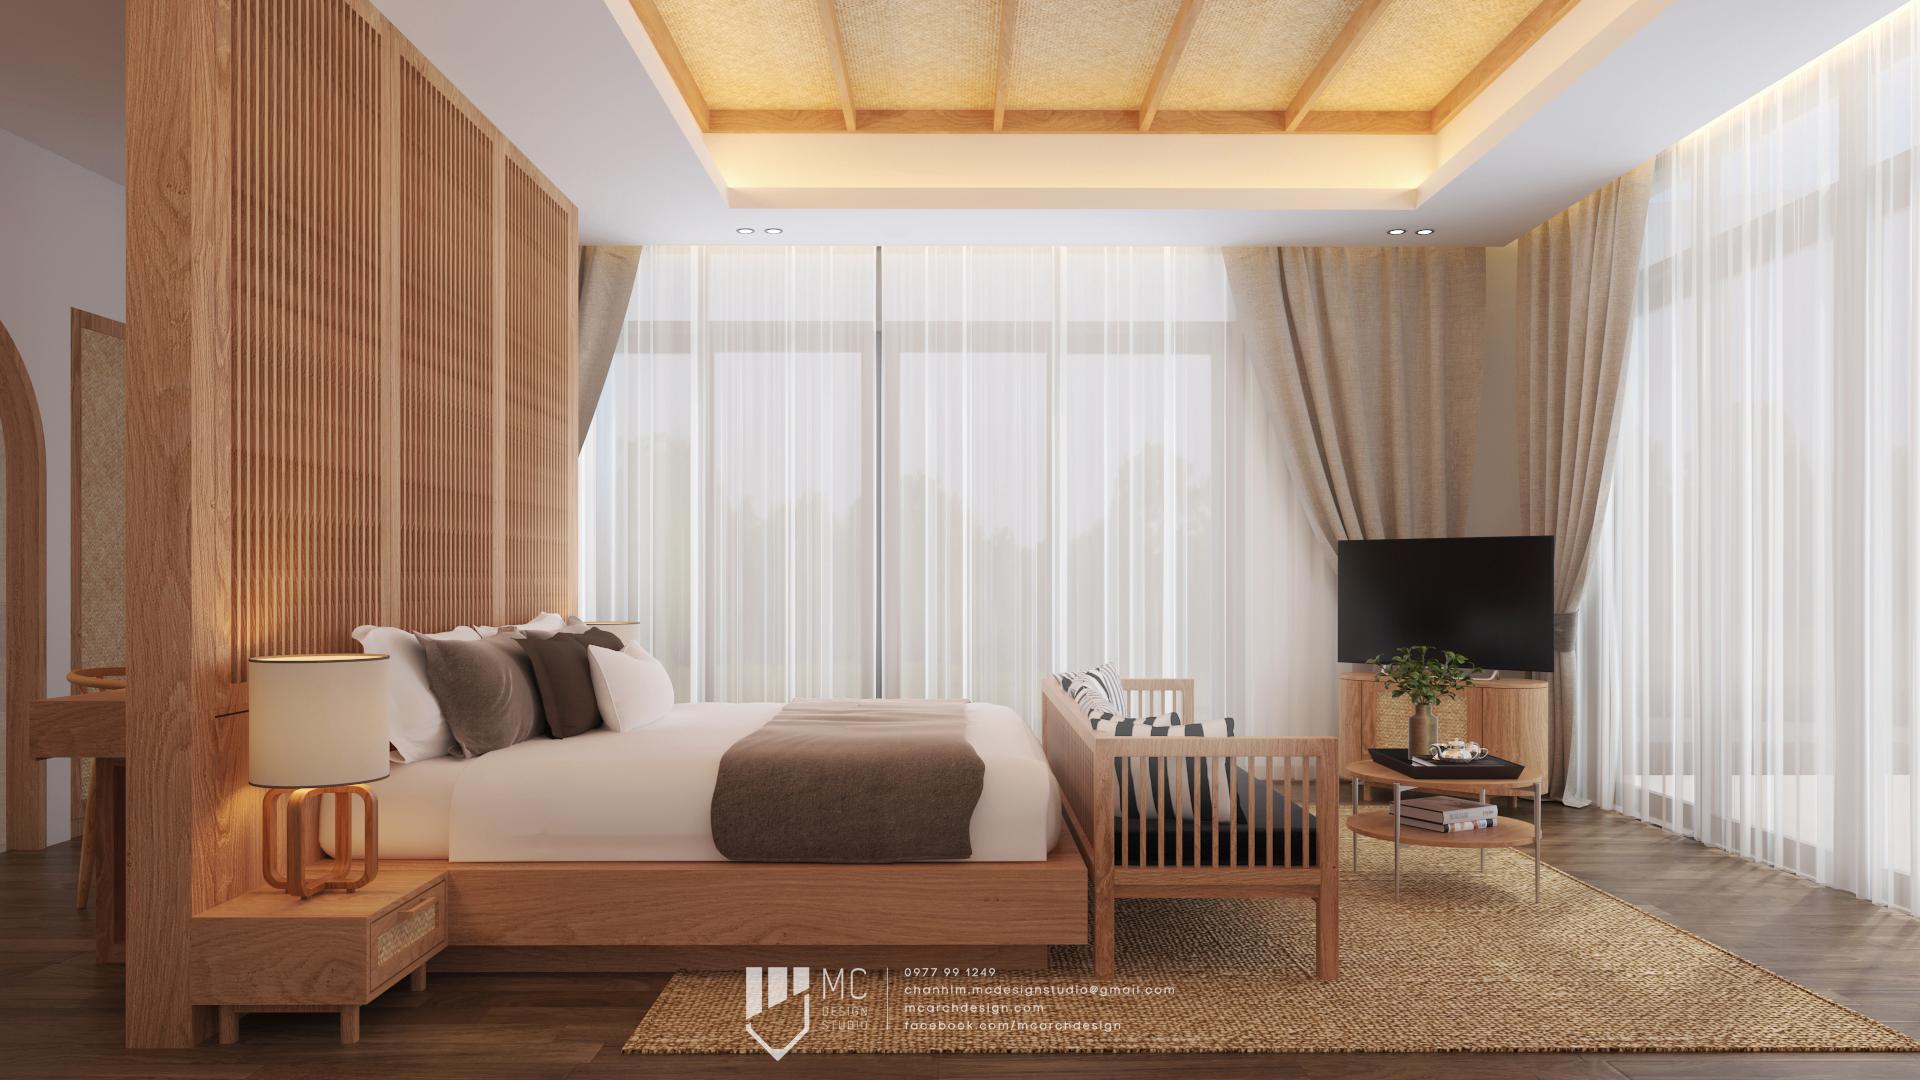 Thiết kế nội thất Biệt Thự tại Đắk Lắk BM House 1590741706 6